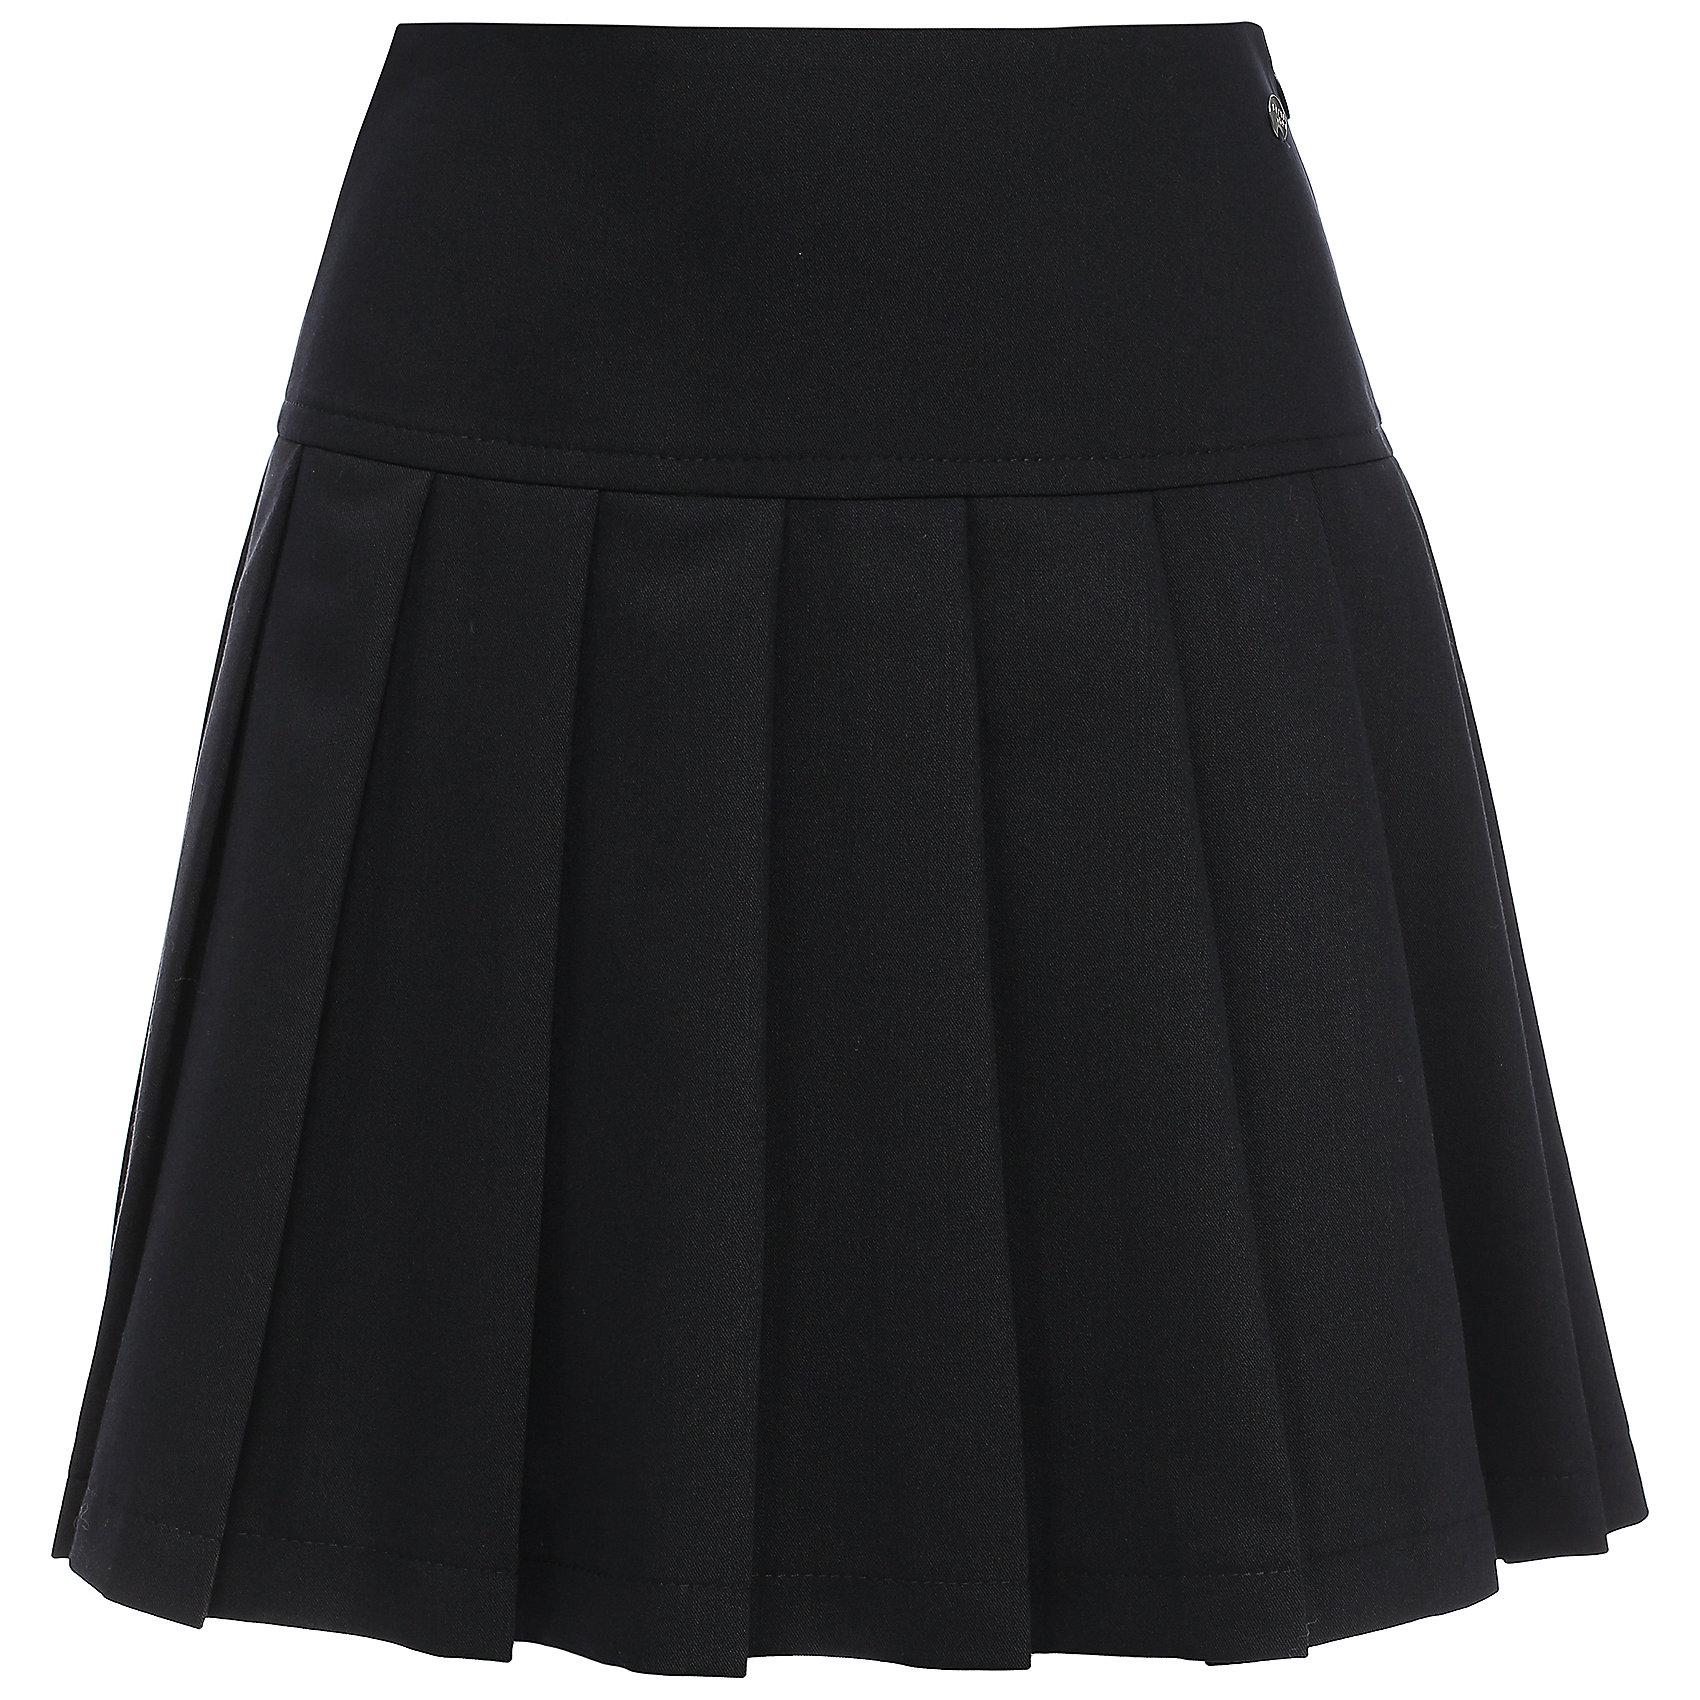 Юбка для девочки Finn FlareЮбки<br>Юбка известной марки Finn Flare.<br><br>Школьная юбка со складками по всей окружности предназначена для повседневной носки, сочетается как с блузами и пиджаками, так и с джемперами. Юбка имеет широкий пояс, боковую молнию, украшена маленькой декоративной пуговицей. <br><br>Фактура материала: Текстильный<br>Вид застежки: Молния<br>Тип карманов: Без карманов<br><br>Состав: 65% полиэстер, 33% вискоза, 2% эластан<br>Подкладка: 100% полиэстер<br><br>Юбку для девочки Finn Flare можно купить в нашем интернет-магазине.<br><br>Ширина мм: 207<br>Глубина мм: 10<br>Высота мм: 189<br>Вес г: 183<br>Цвет: синий<br>Возраст от месяцев: 144<br>Возраст до месяцев: 156<br>Пол: Женский<br>Возраст: Детский<br>Размер: 158,146,116,122,152,128,134,140<br>SKU: 4890140